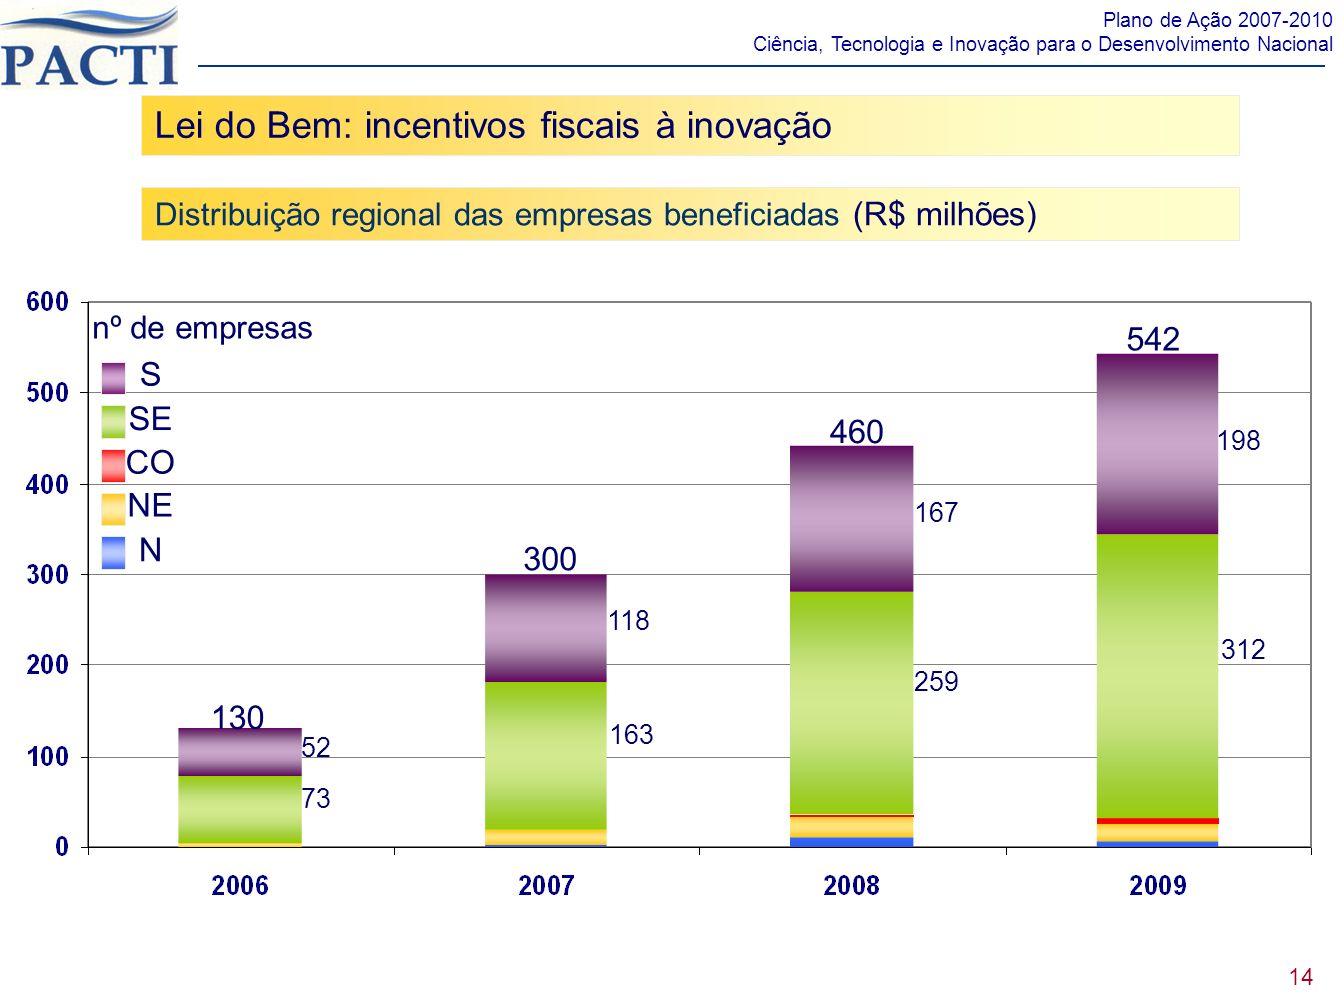 Lei do Bem: incentivos fiscais à inovação Distribuição regional das empresas beneficiadas (R$ milhões) 14 Plano de Ação 2007-2010 Ciência, Tecnologia